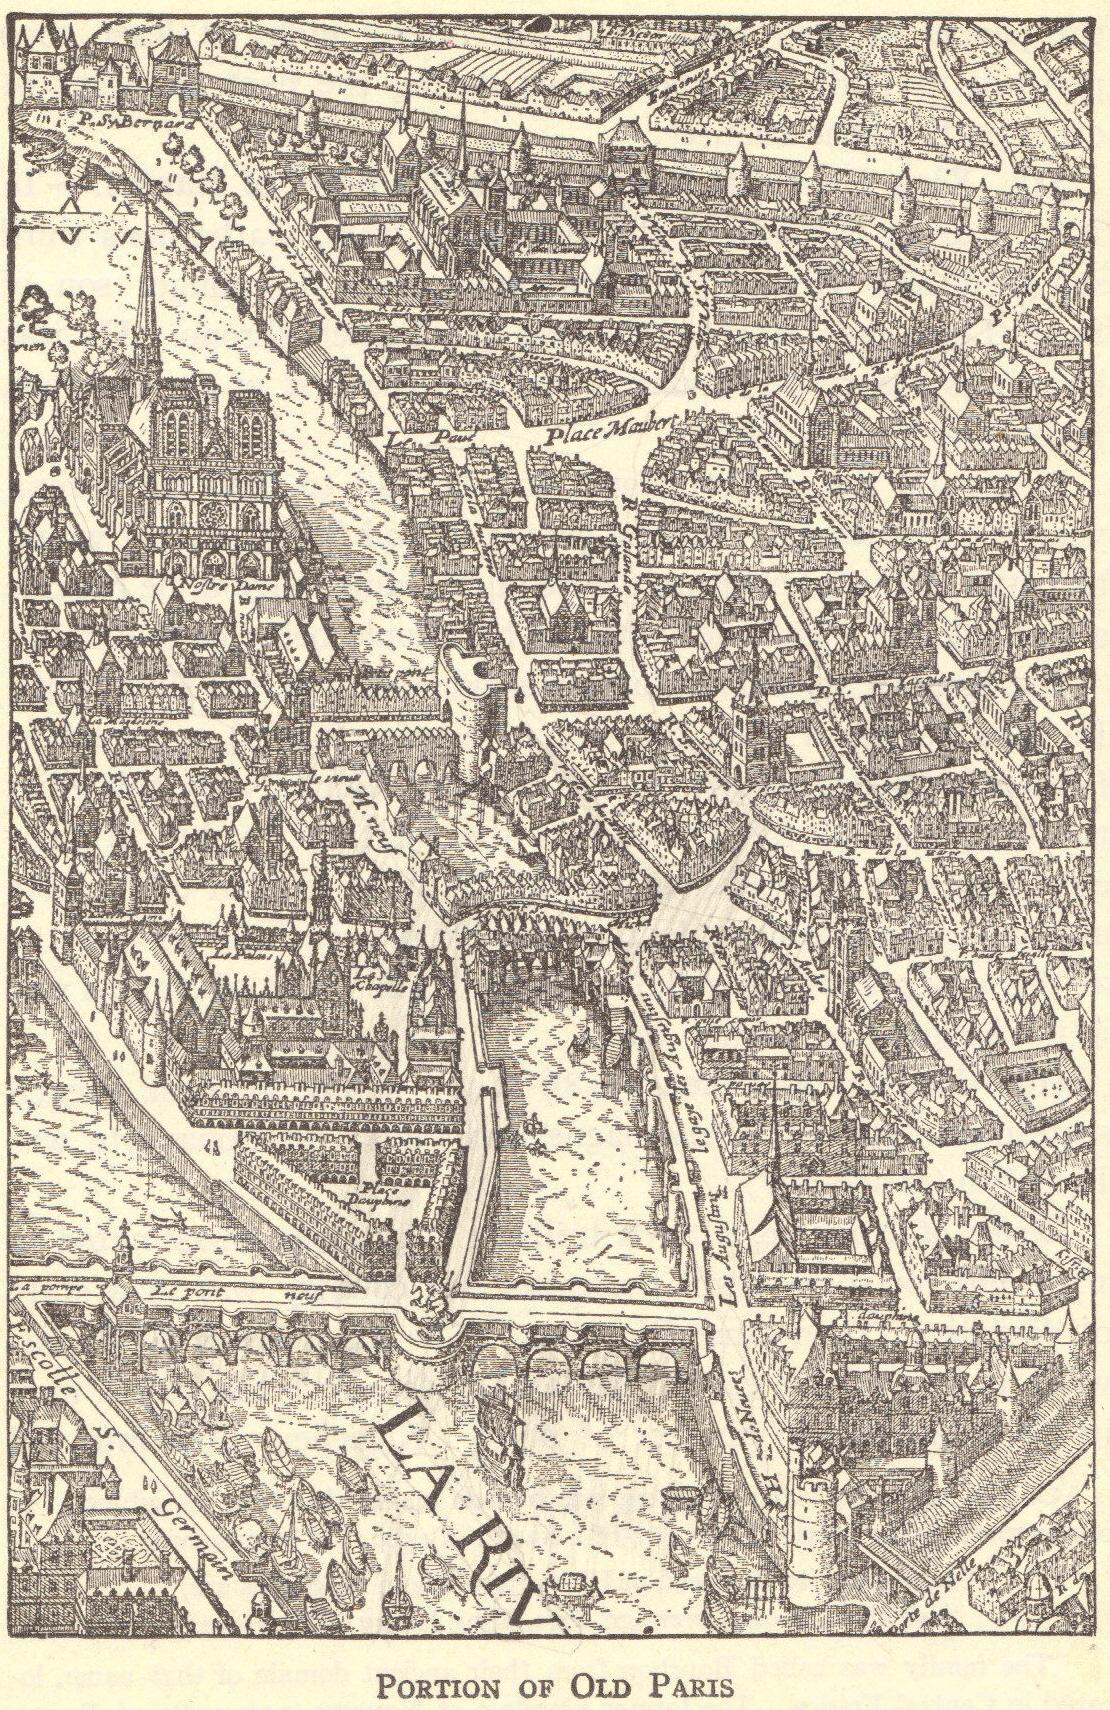 Map of Renaissance Paris, France